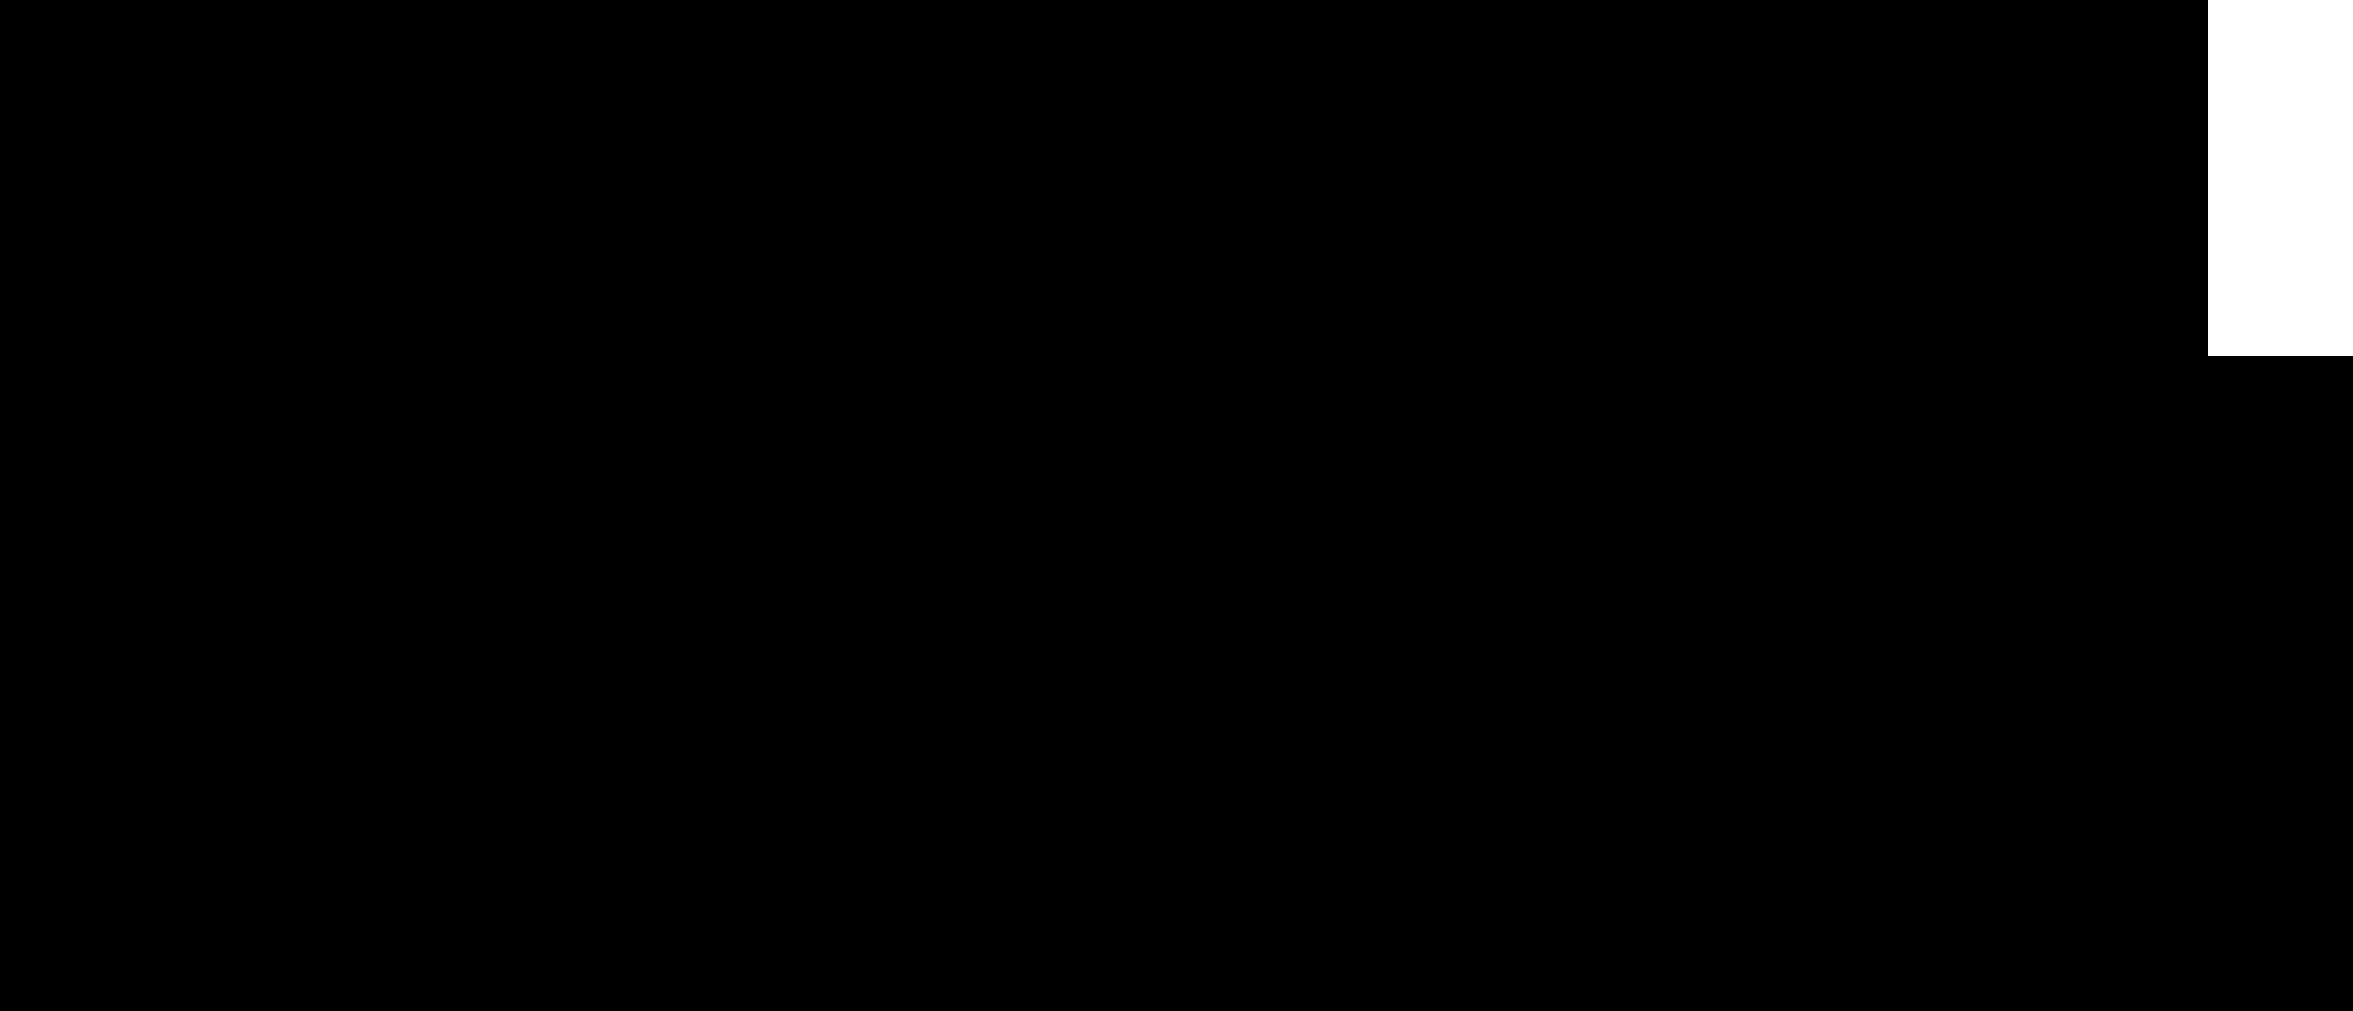 logo_techshake copy.png